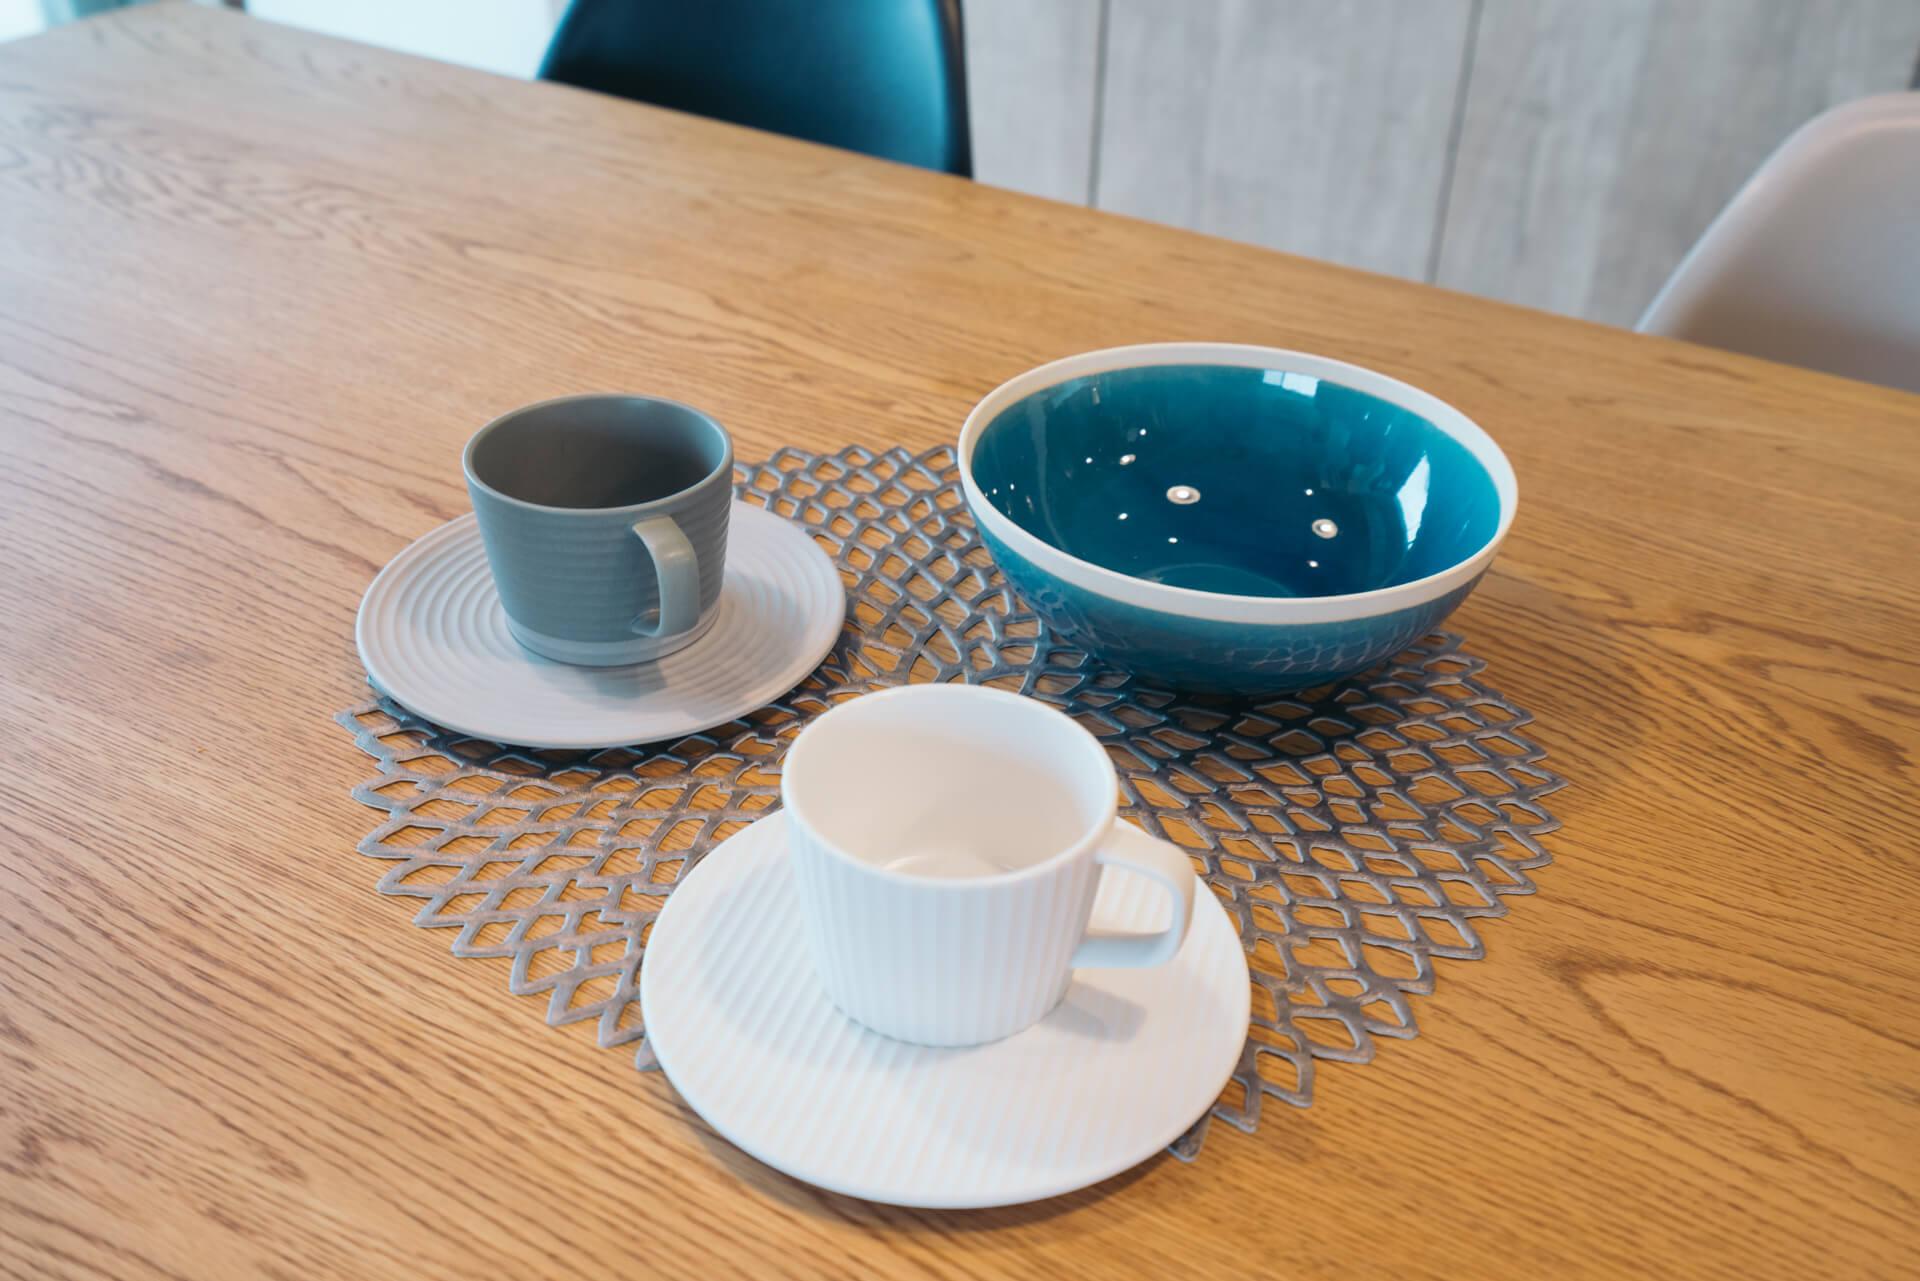 コーヒーカップ&ソーサーは、cekitay というシリーズのもの。その名の通り、石庭の砂と石の色を表現しています。インディゴブルーの器は美濃焼の SAKUZAN のもの。中目黒高架下の 85 で購入。